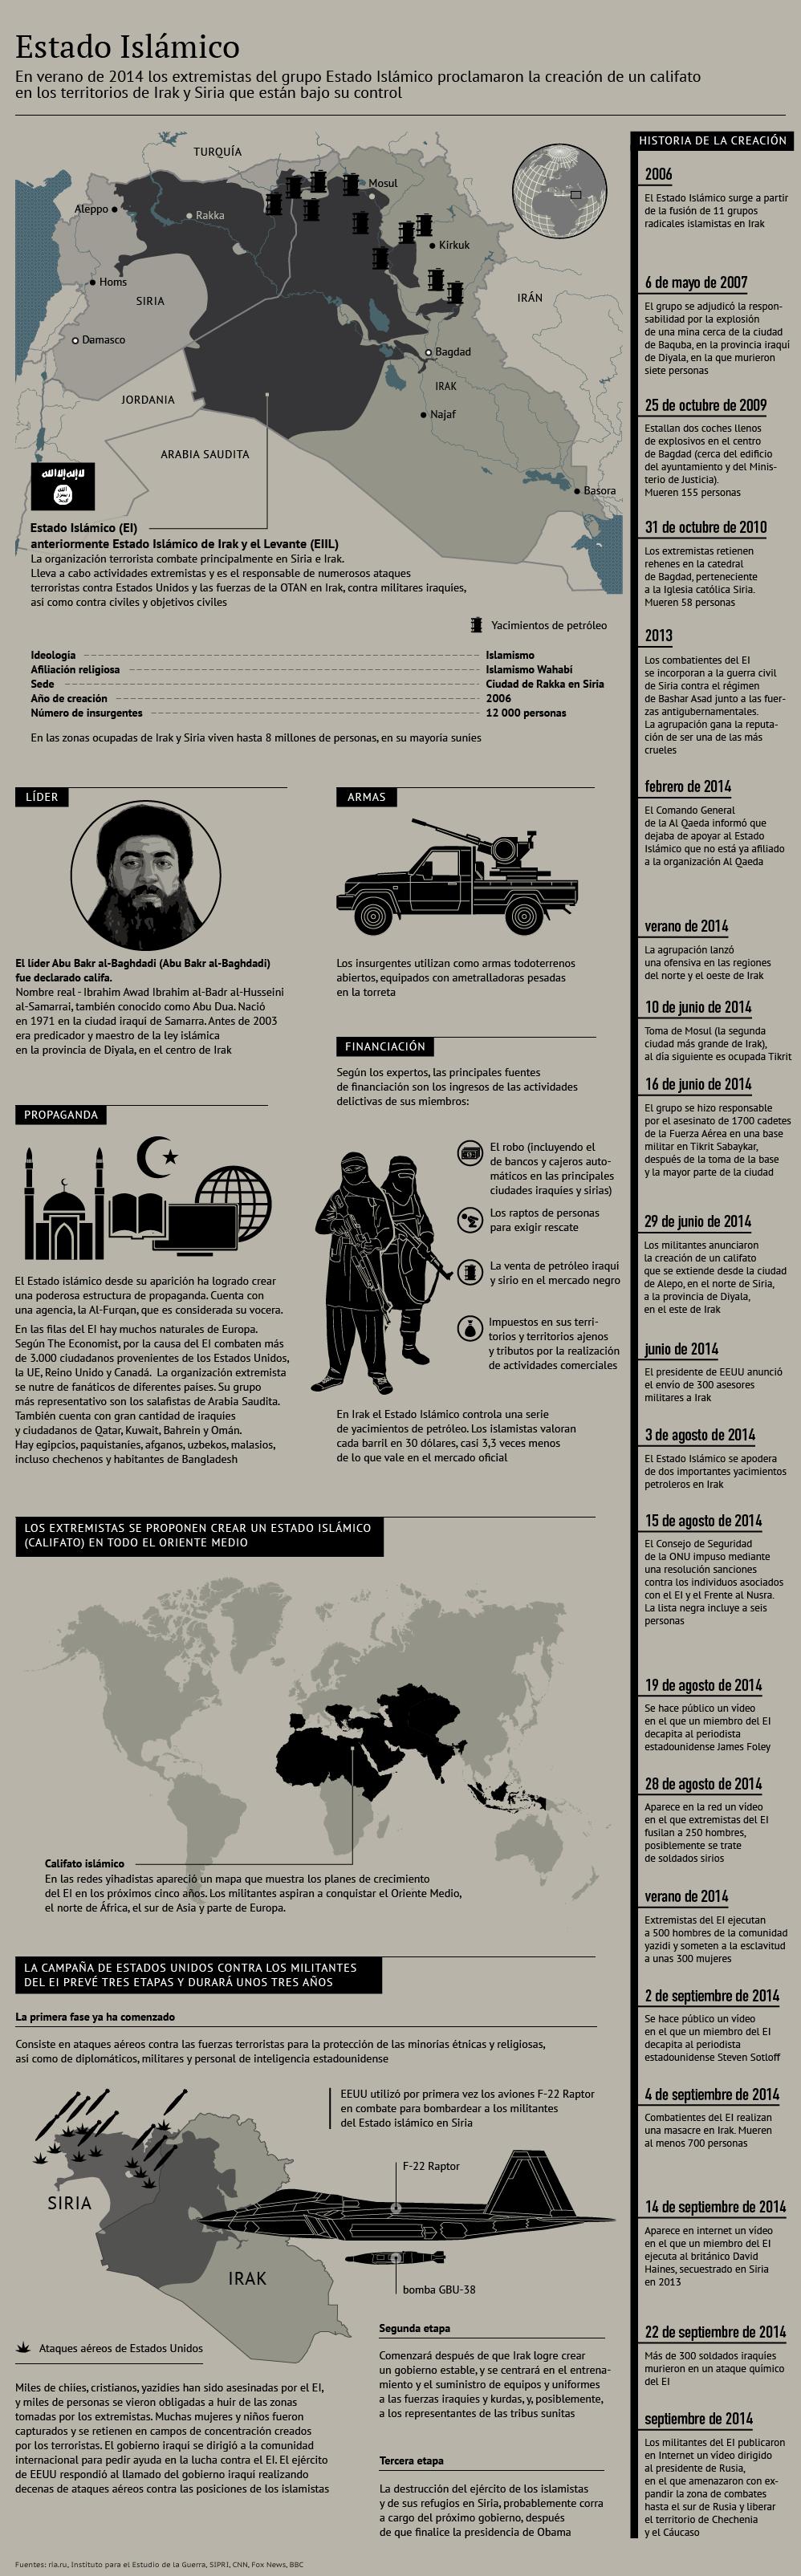 El grupo terrorista Estado Islámico - Sputnik Mundo